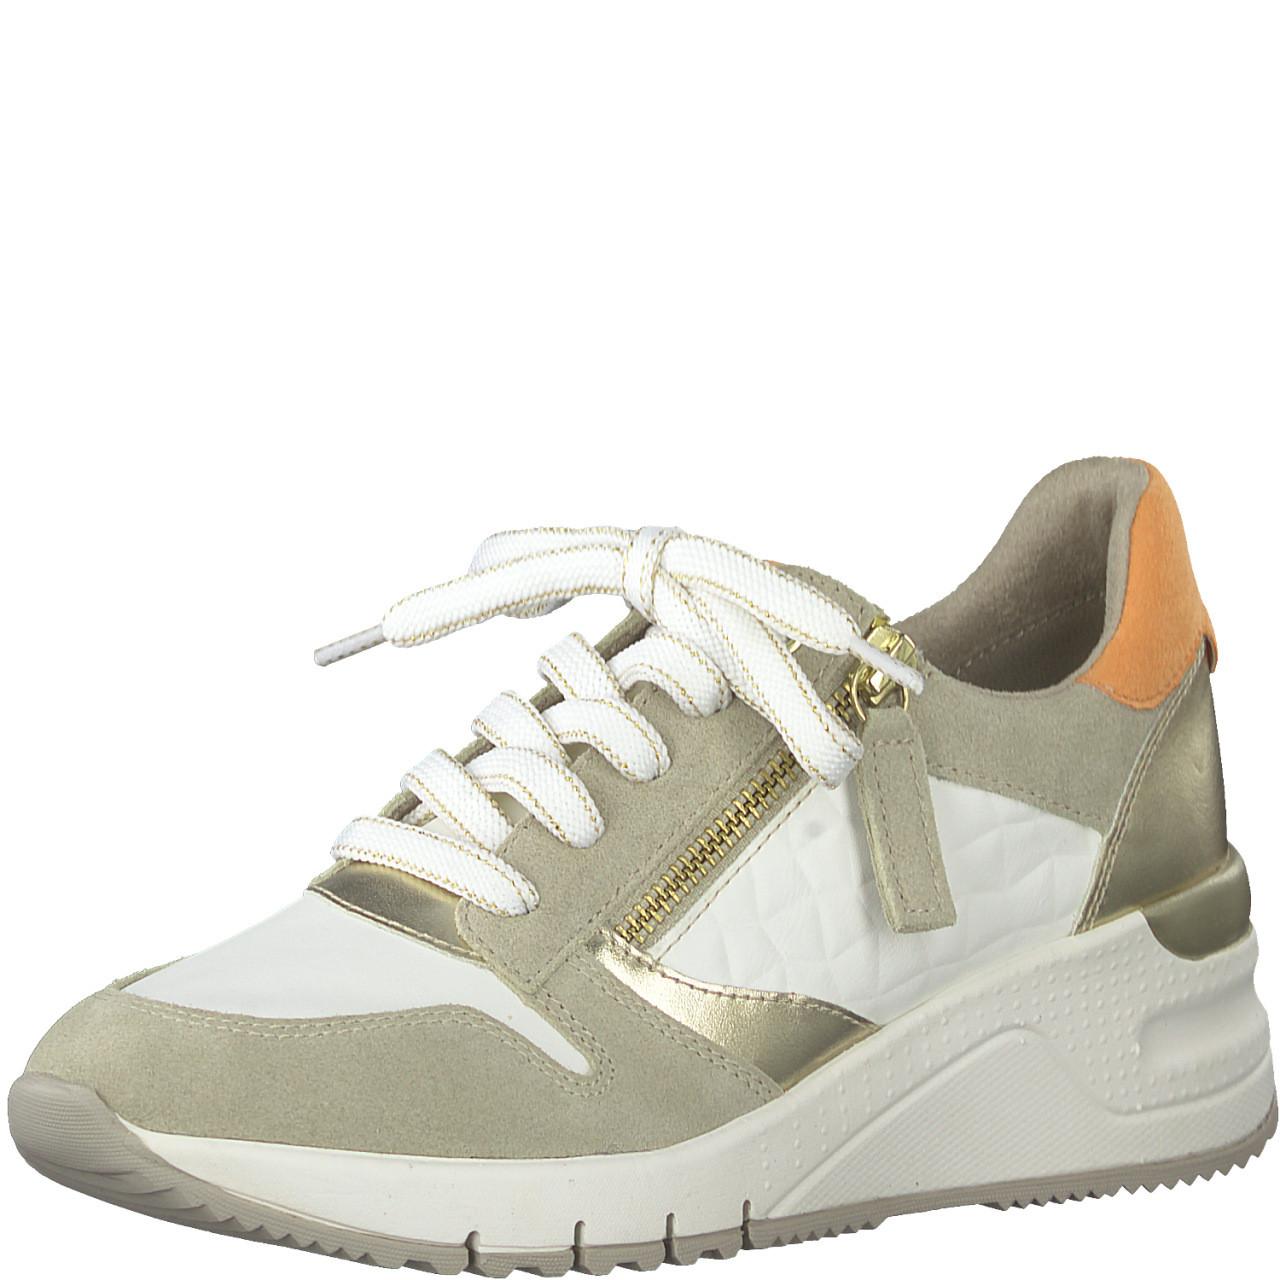 Hvit og gull sneakers Tamaris